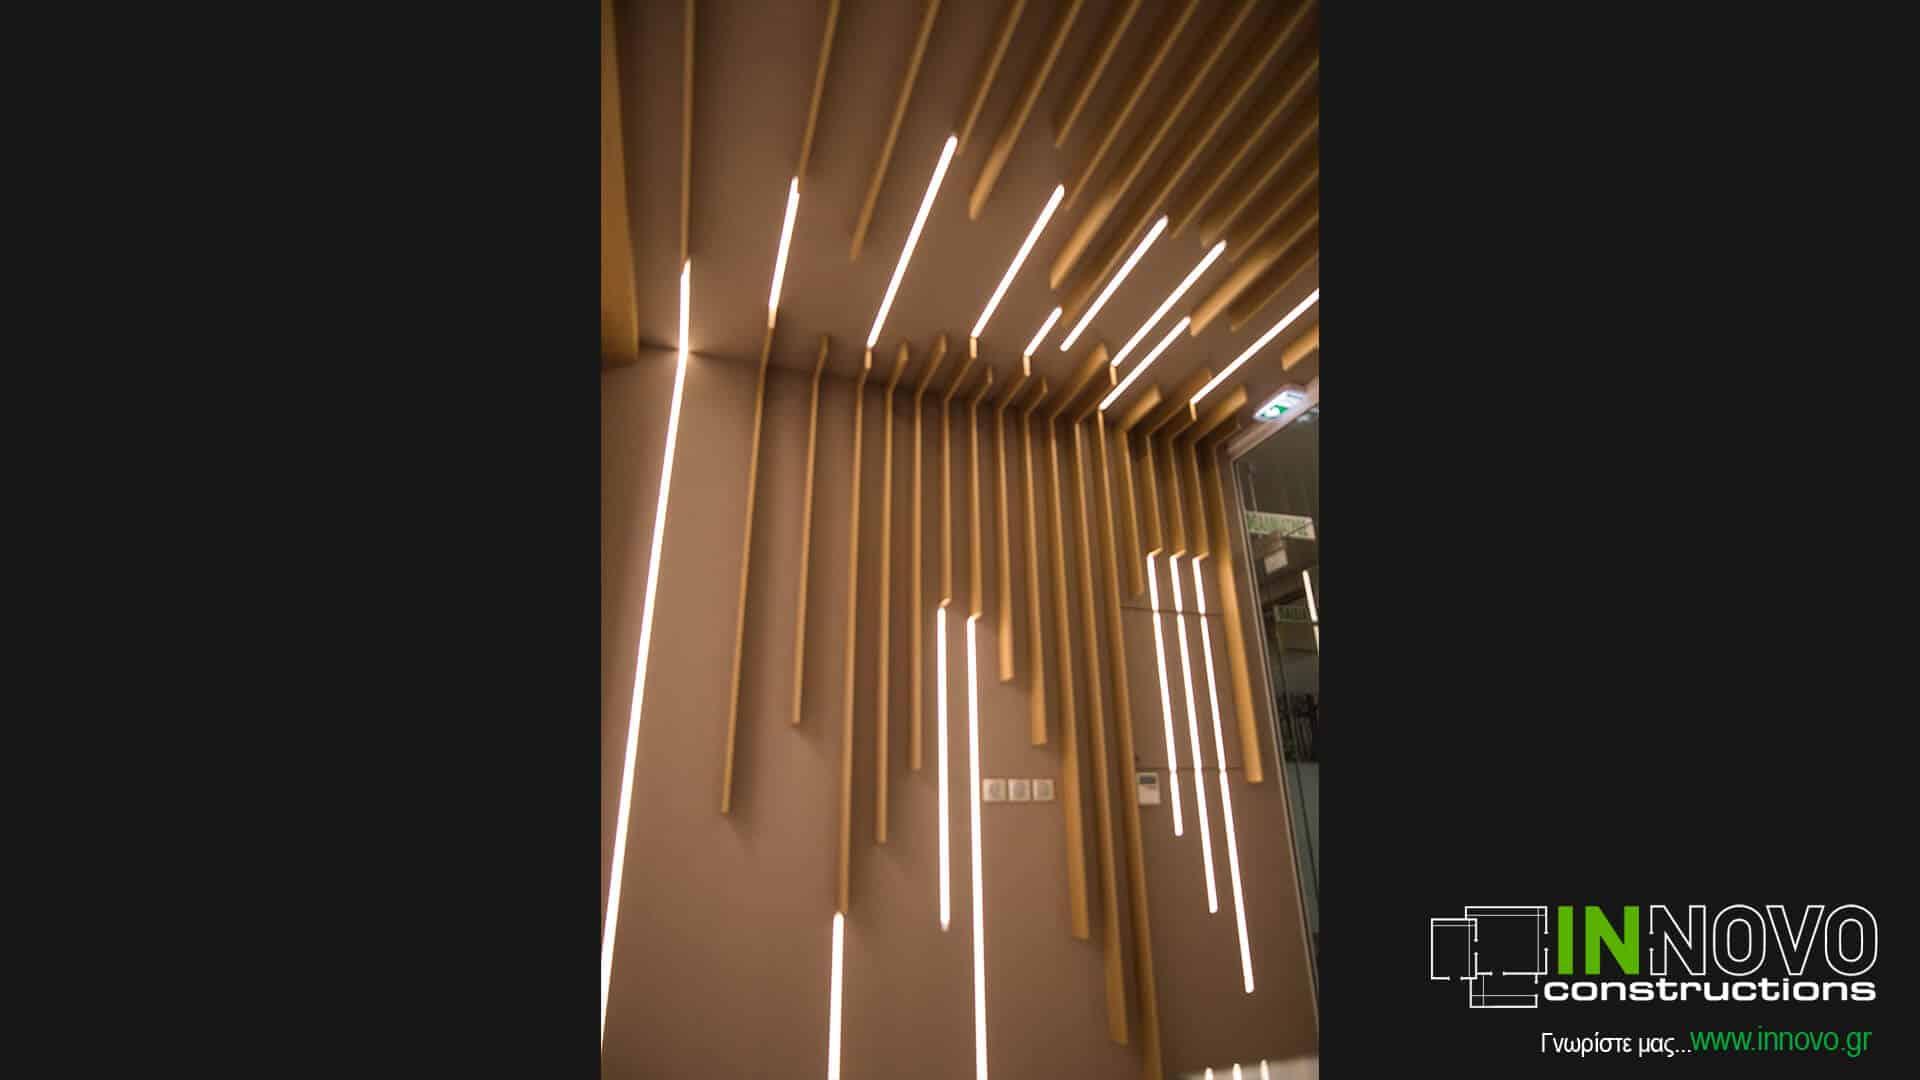 Σχεδιασμός οφθαλμιατρείου στις Αχαρνές